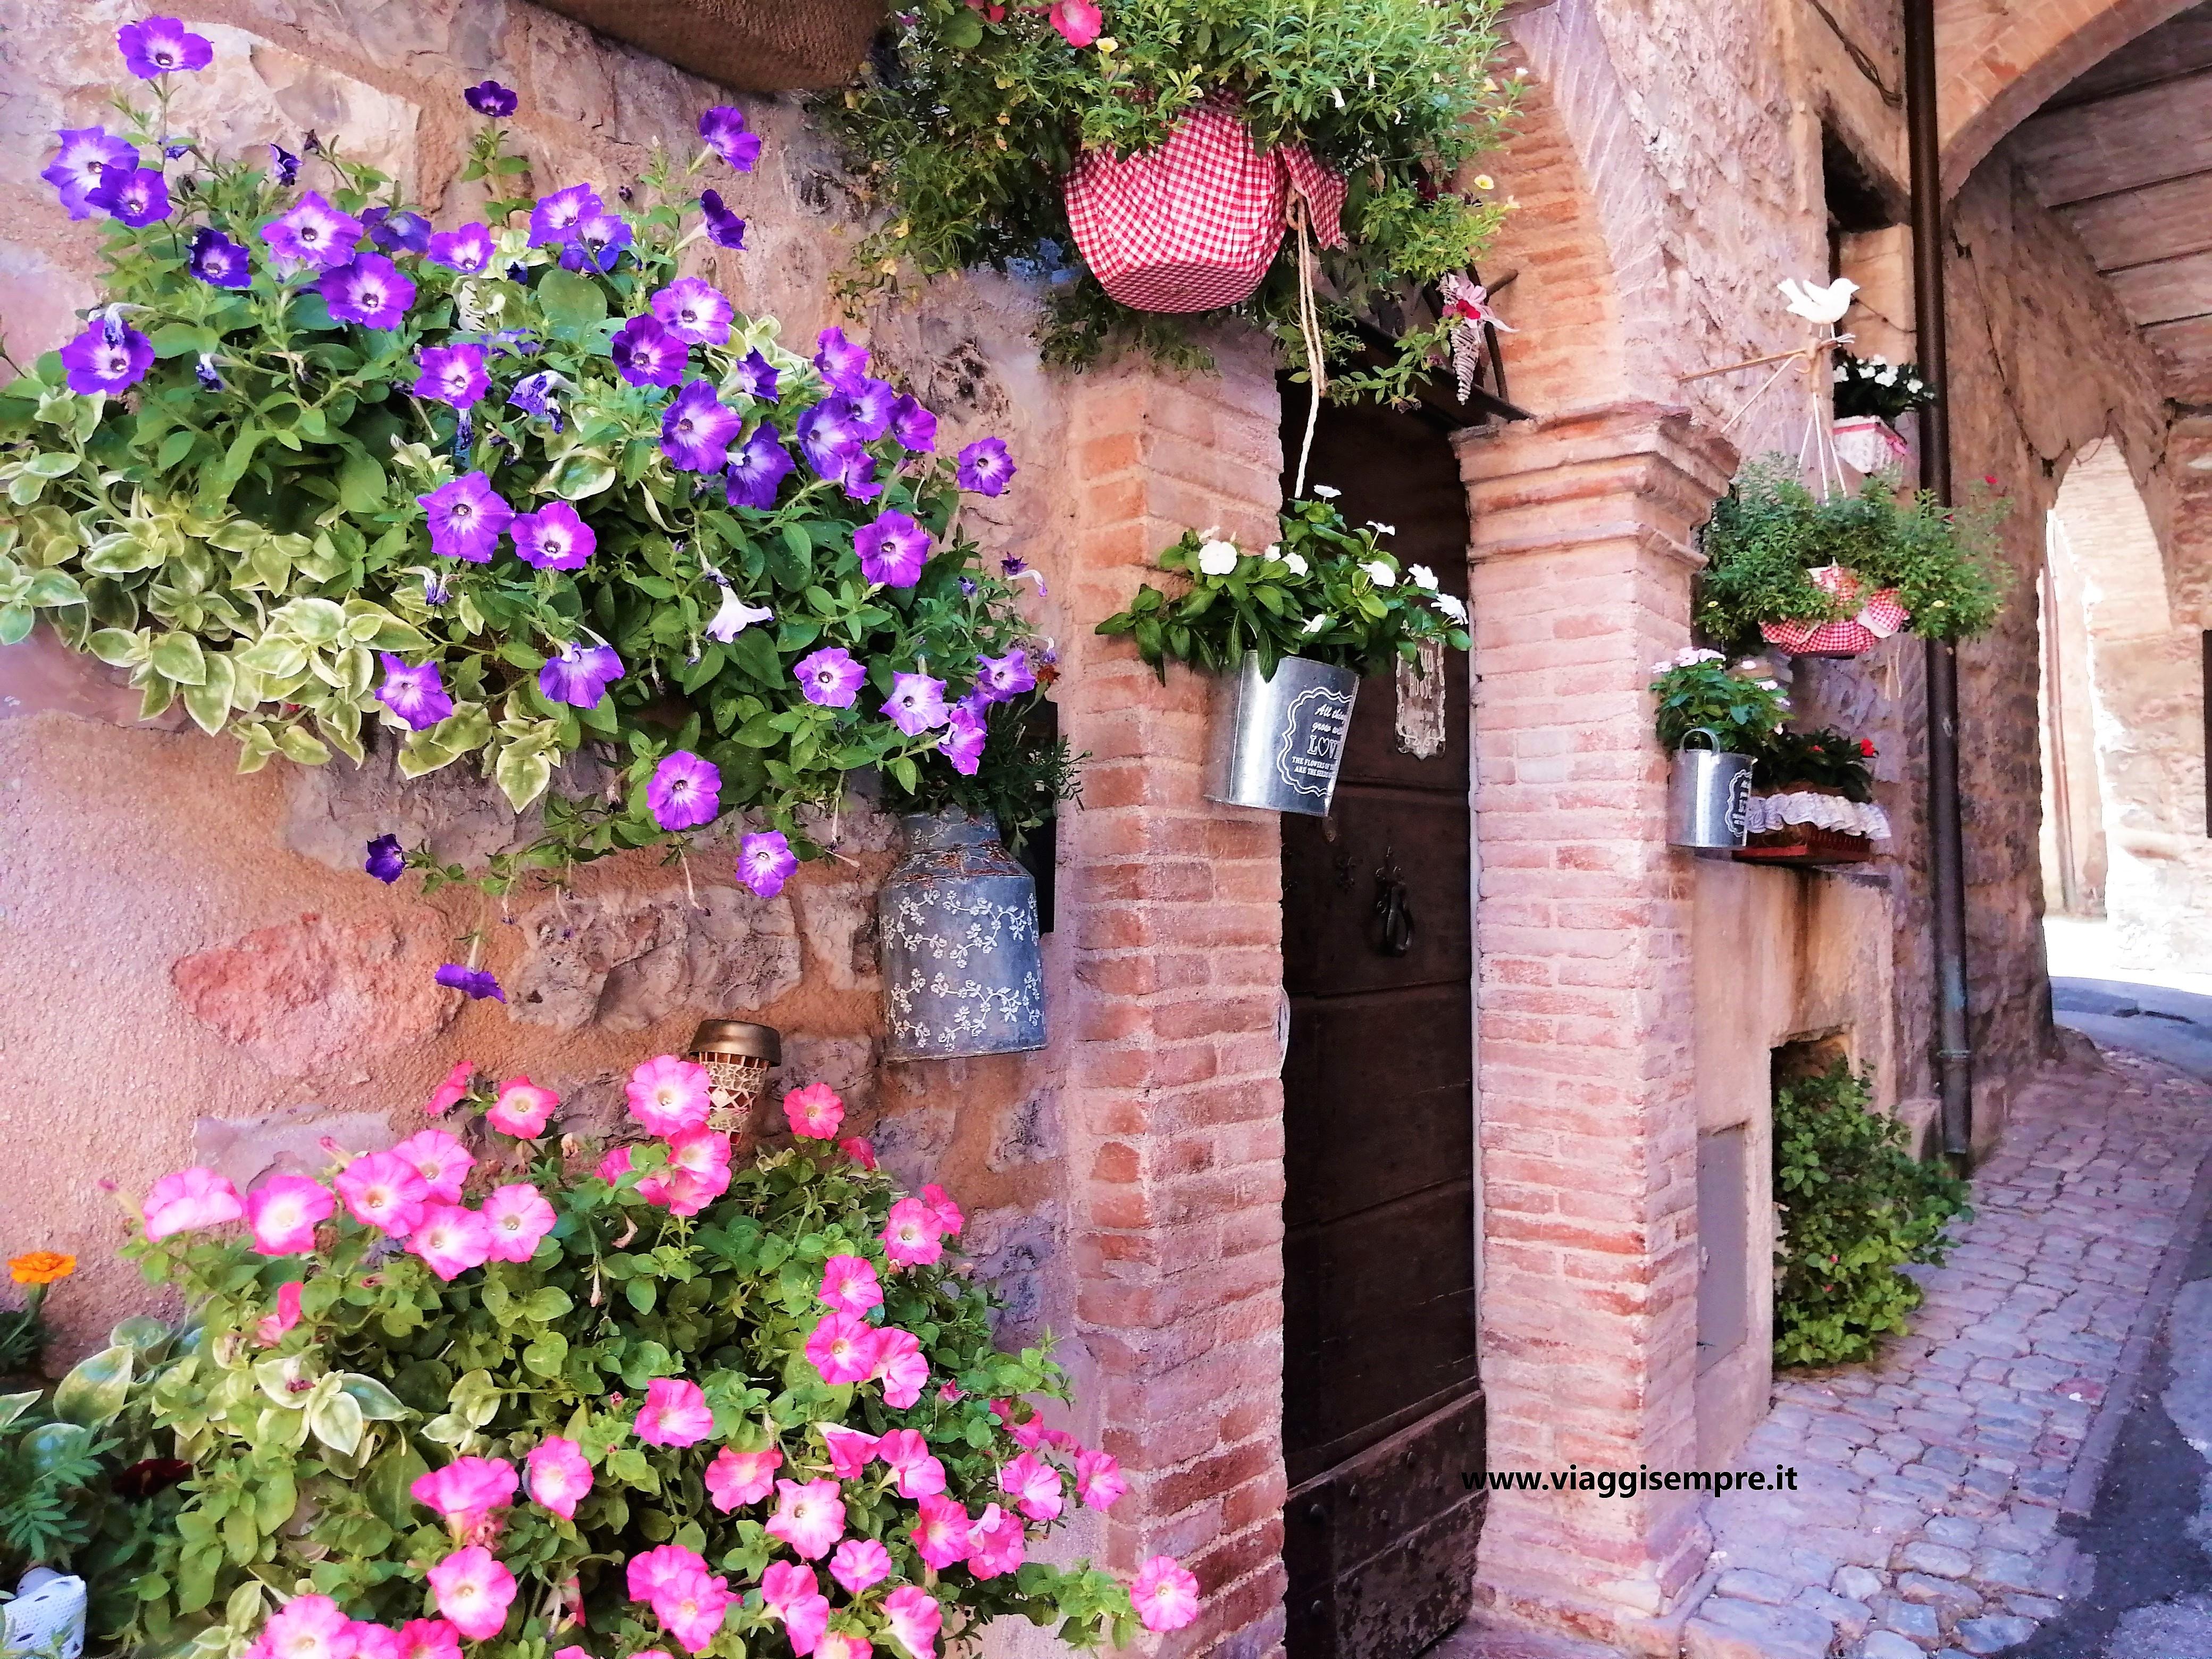 Fiori Del Mese Di Giugno spello, città d'arte e dei fiori - viaggisempre